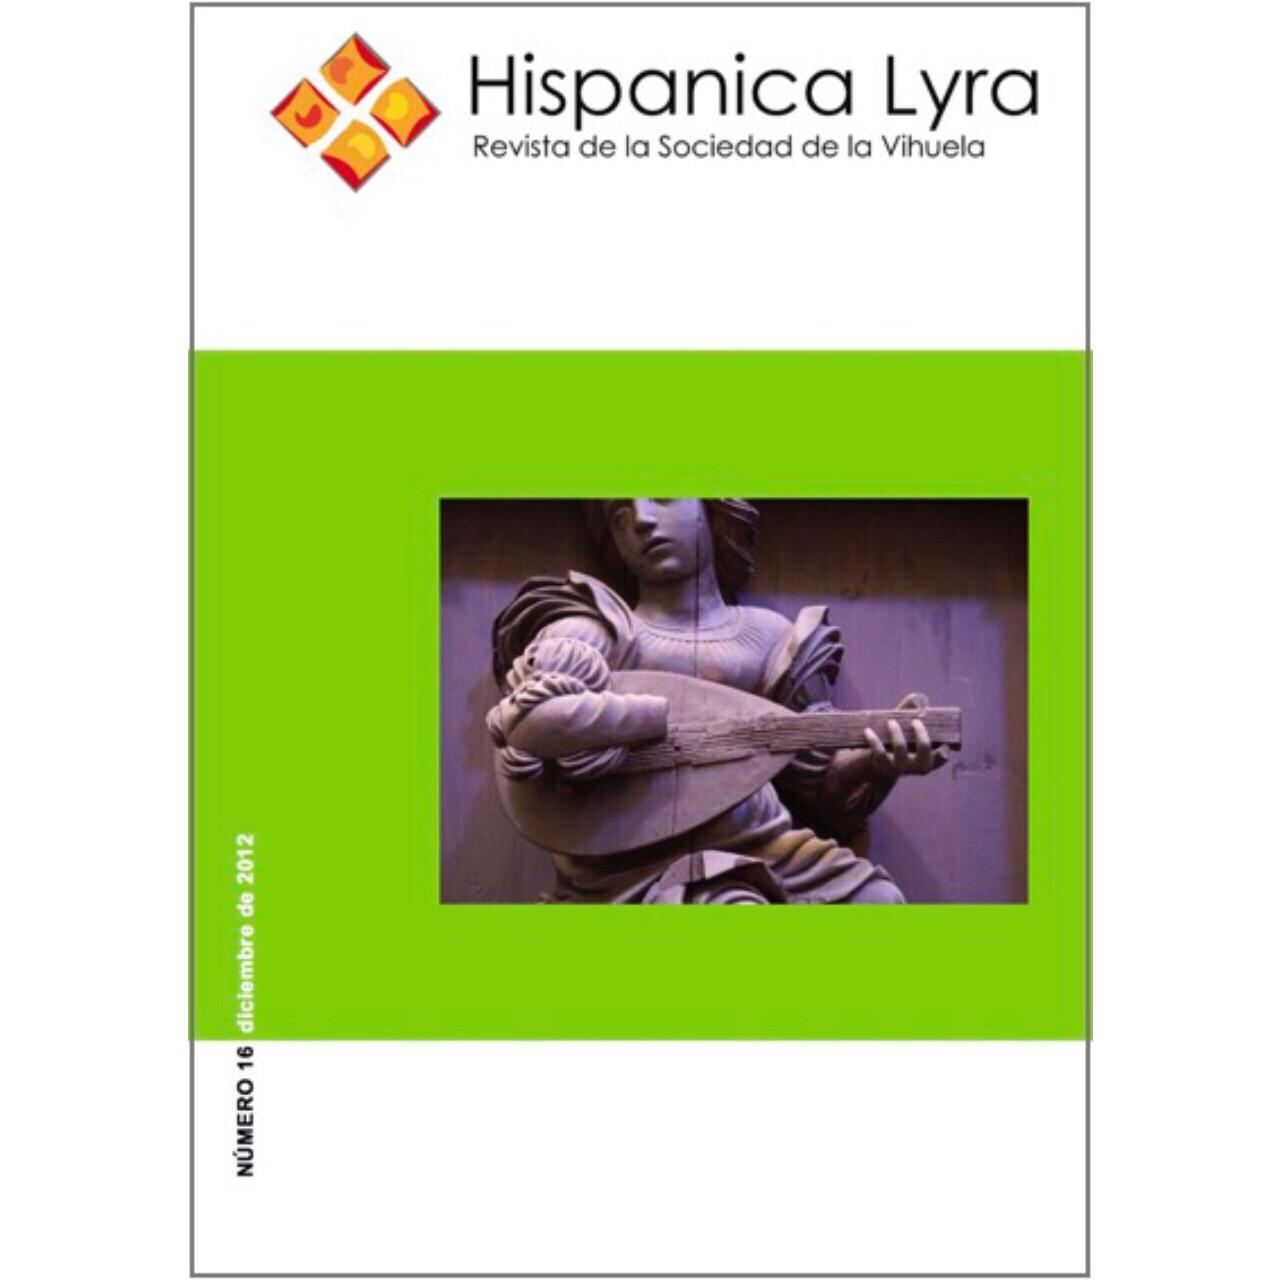 Nº16, diciembre de 2012 [edición digital/digital edition]